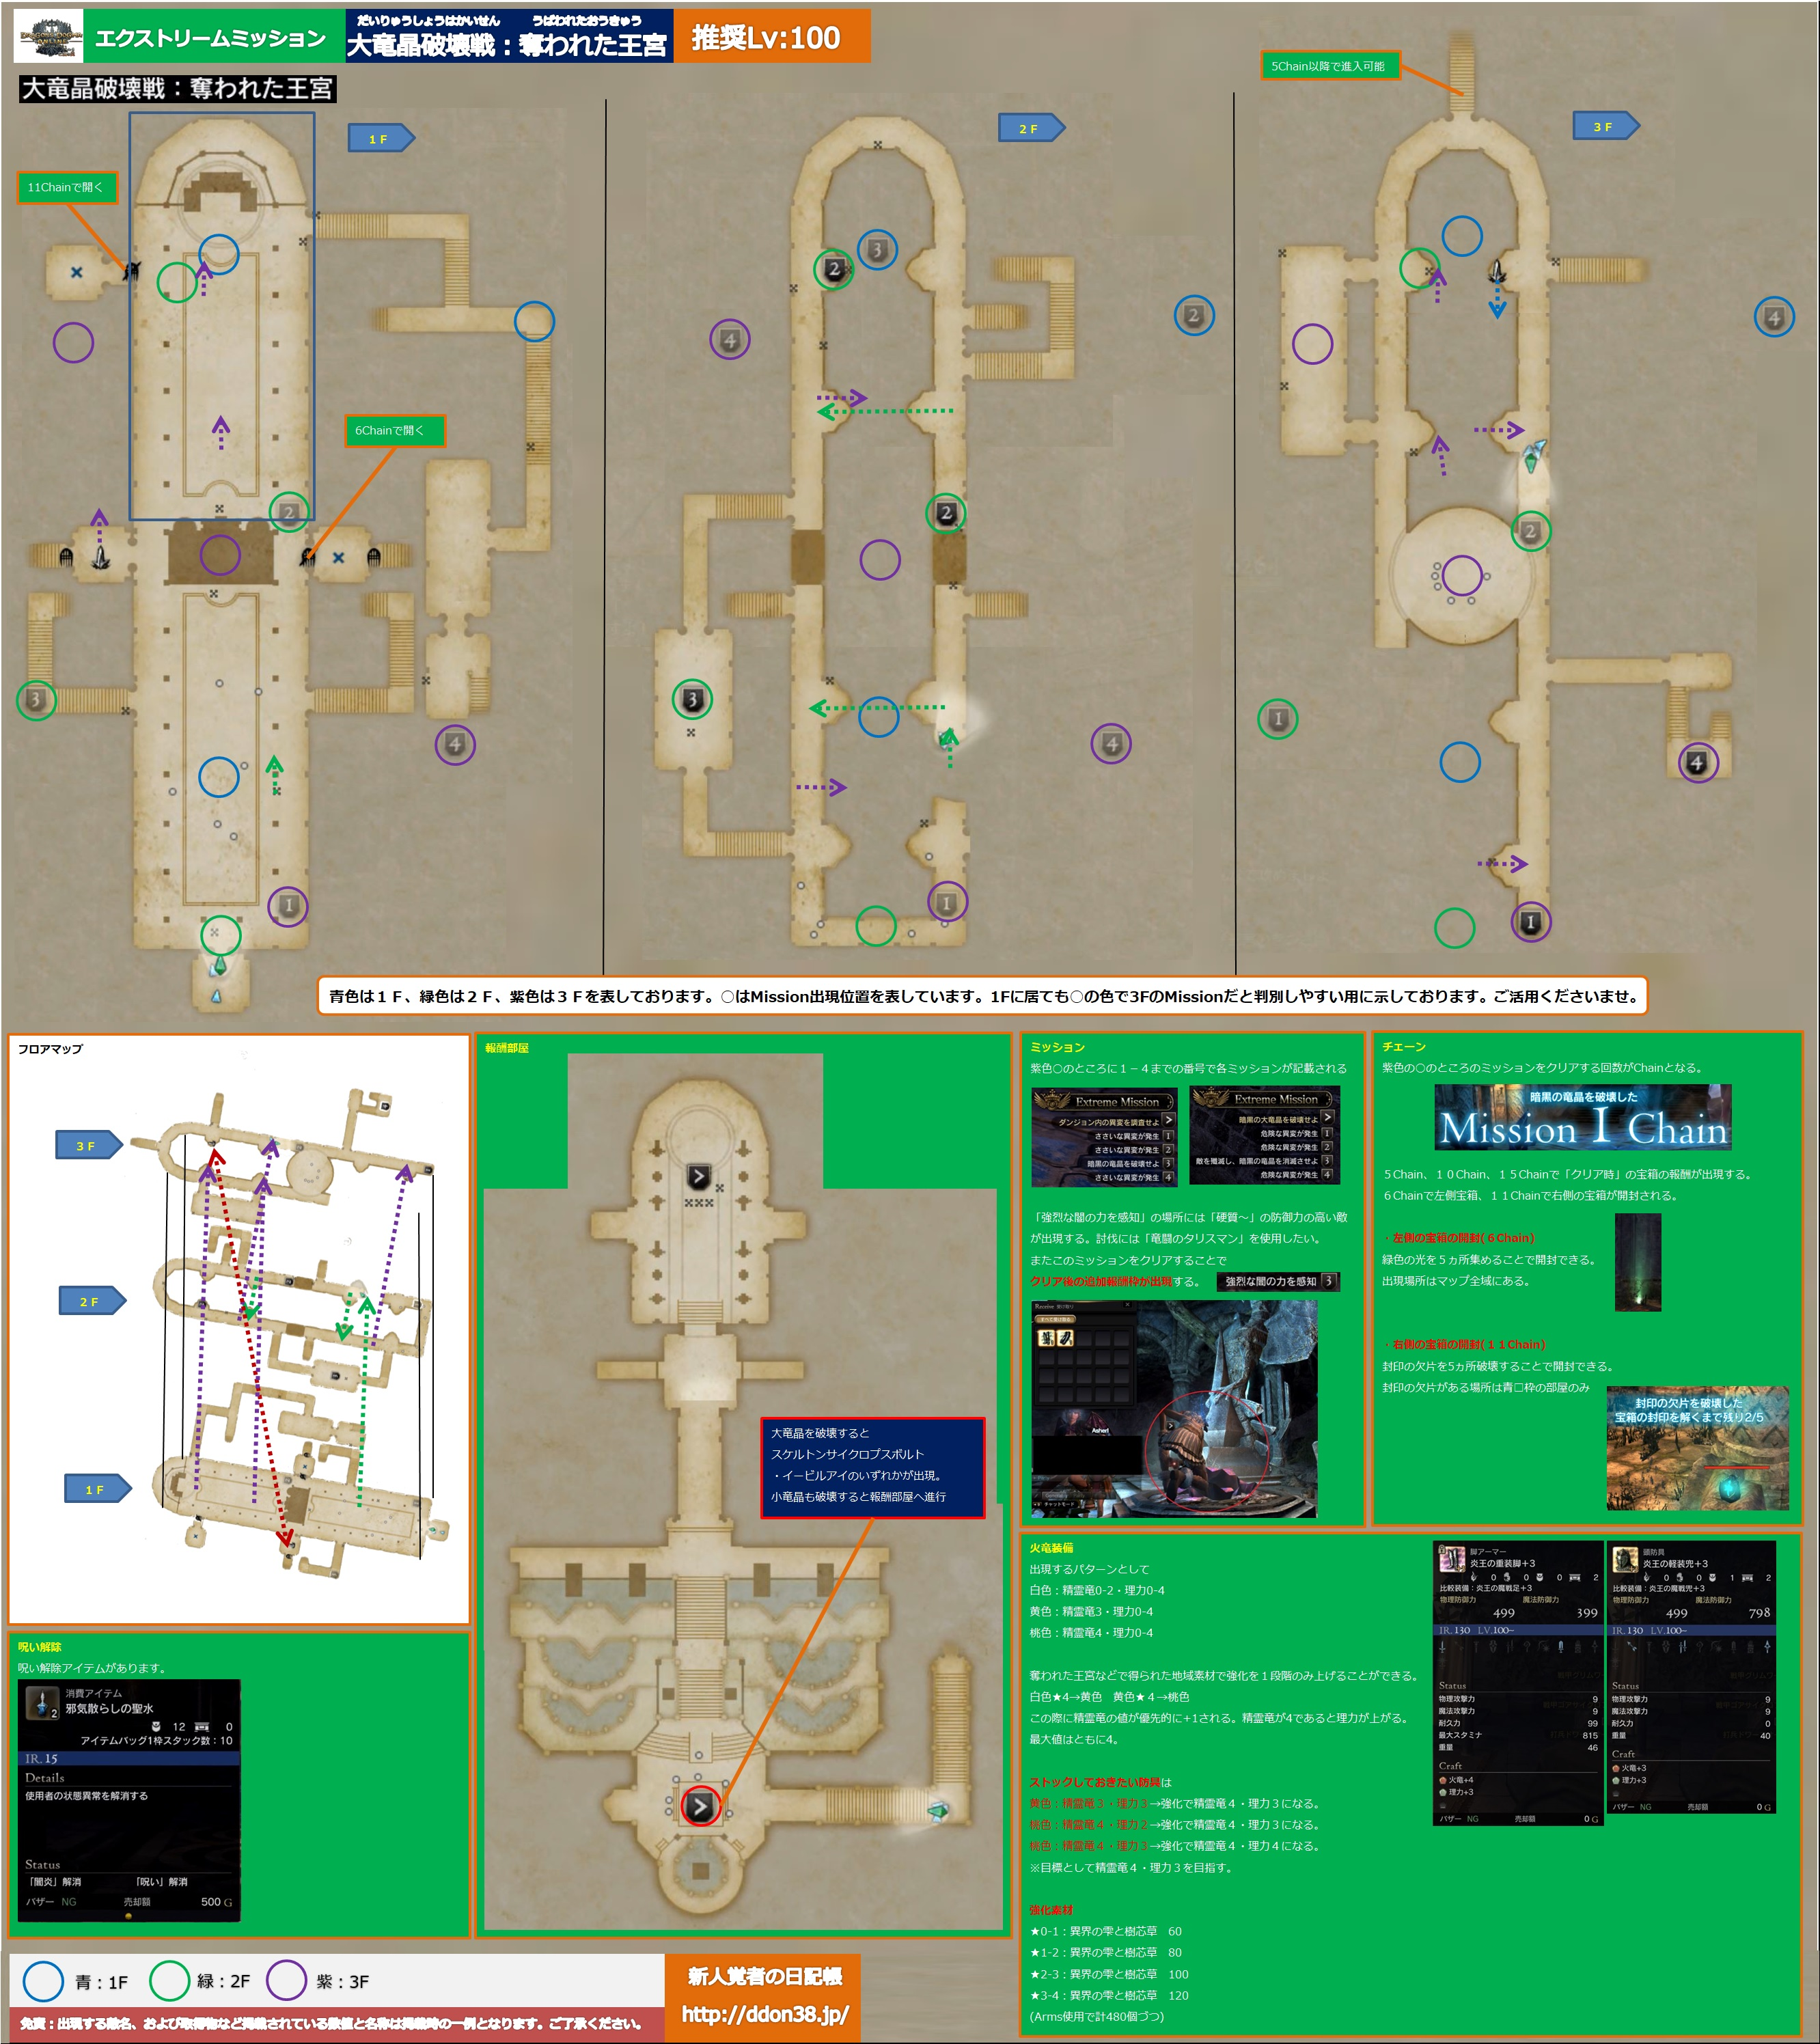 EXM_Occupied_Royal_palace2.jpg